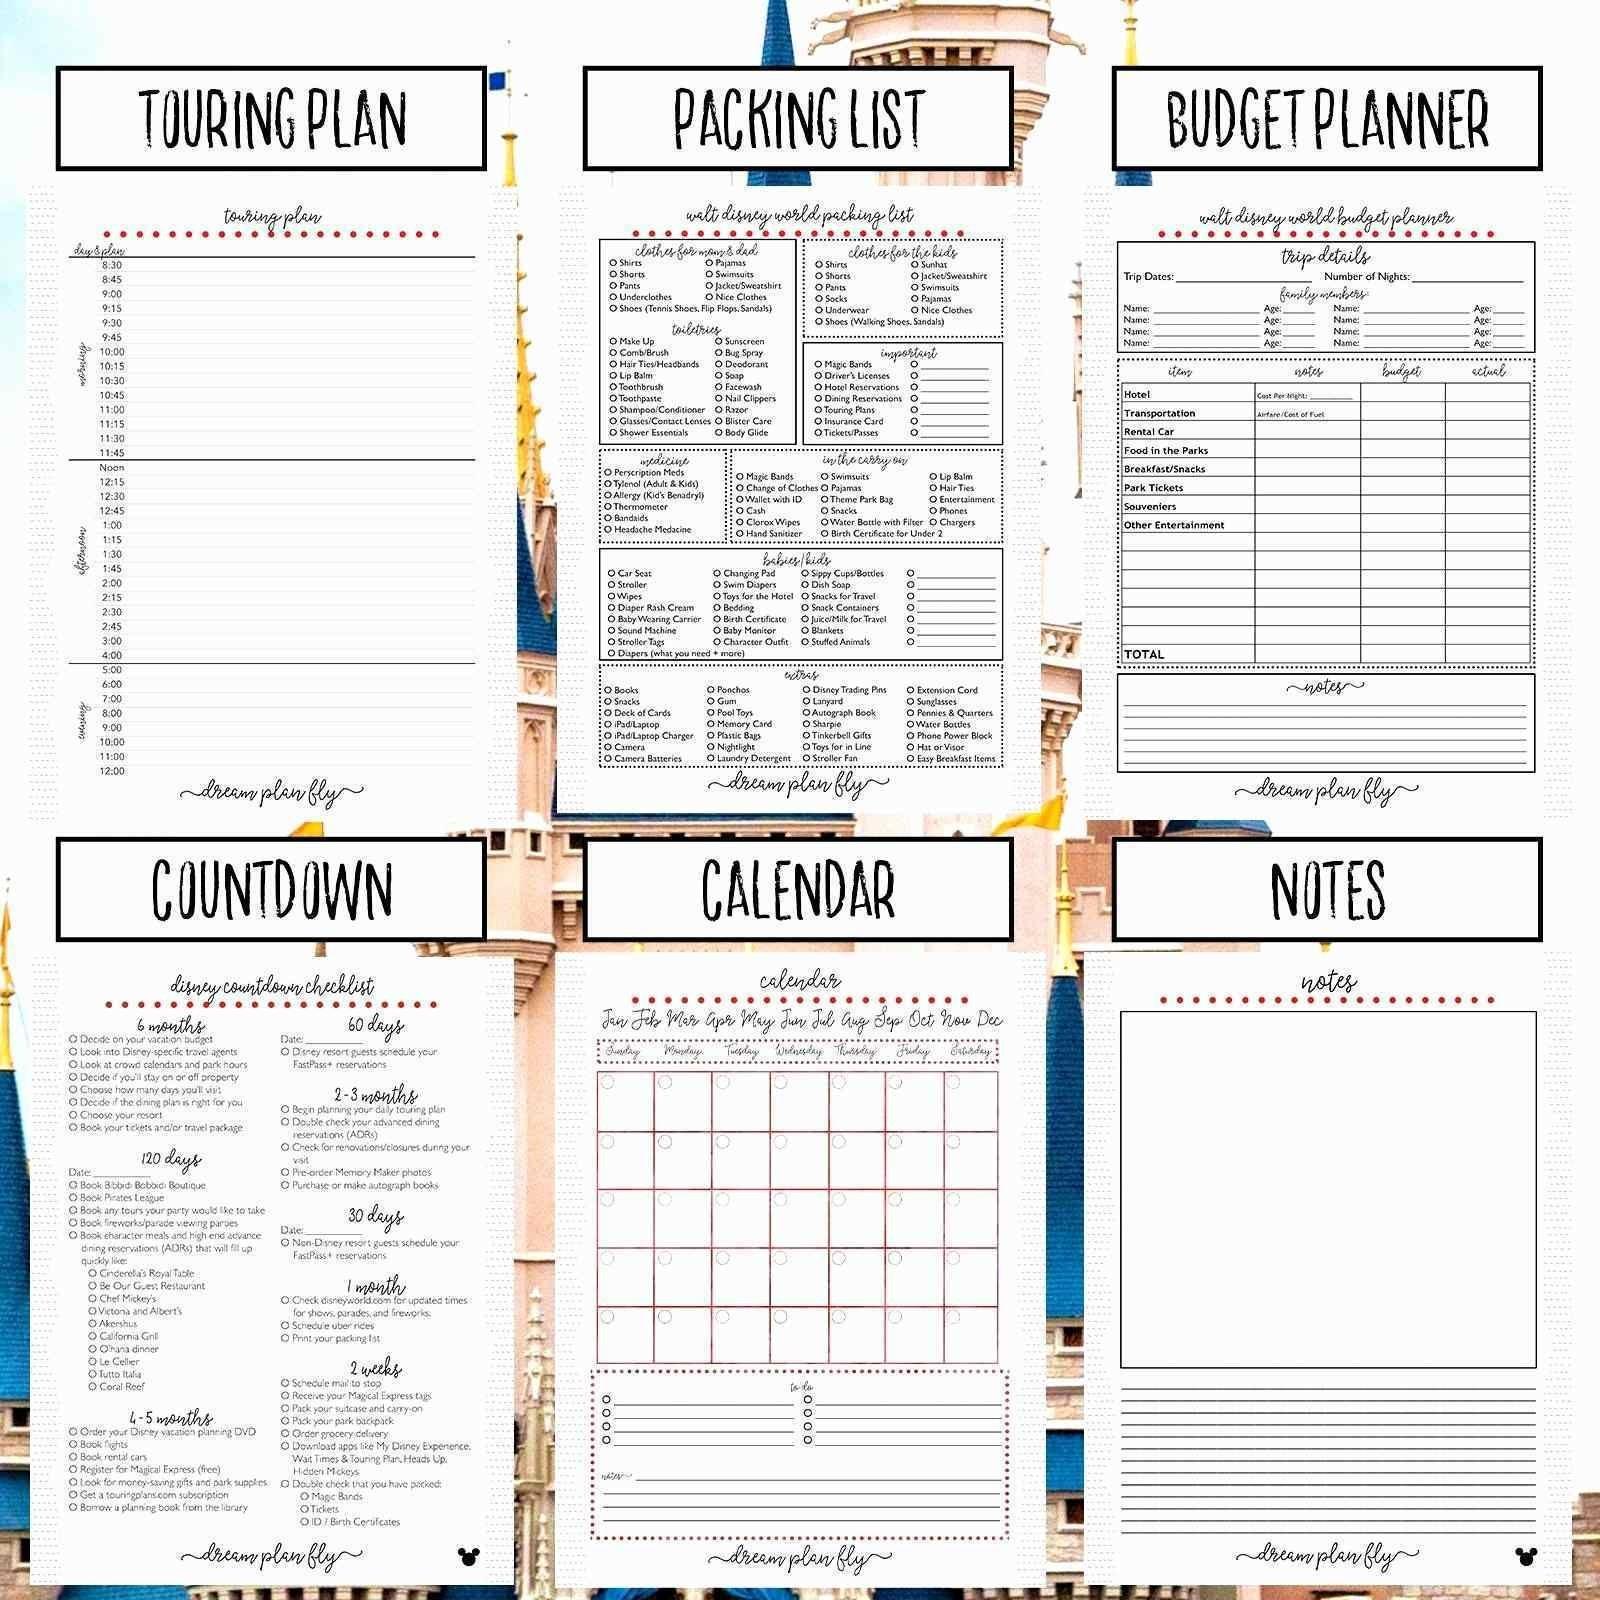 Fiscal Year Calendar 2019 Excel Más Recientes Calendar 2018 and 2019 In Excel Full Year Calendar Template Of Fiscal Year Calendar 2019 Excel Más Reciente 2019 Calendar Template Excel Glendale Munity Document Template